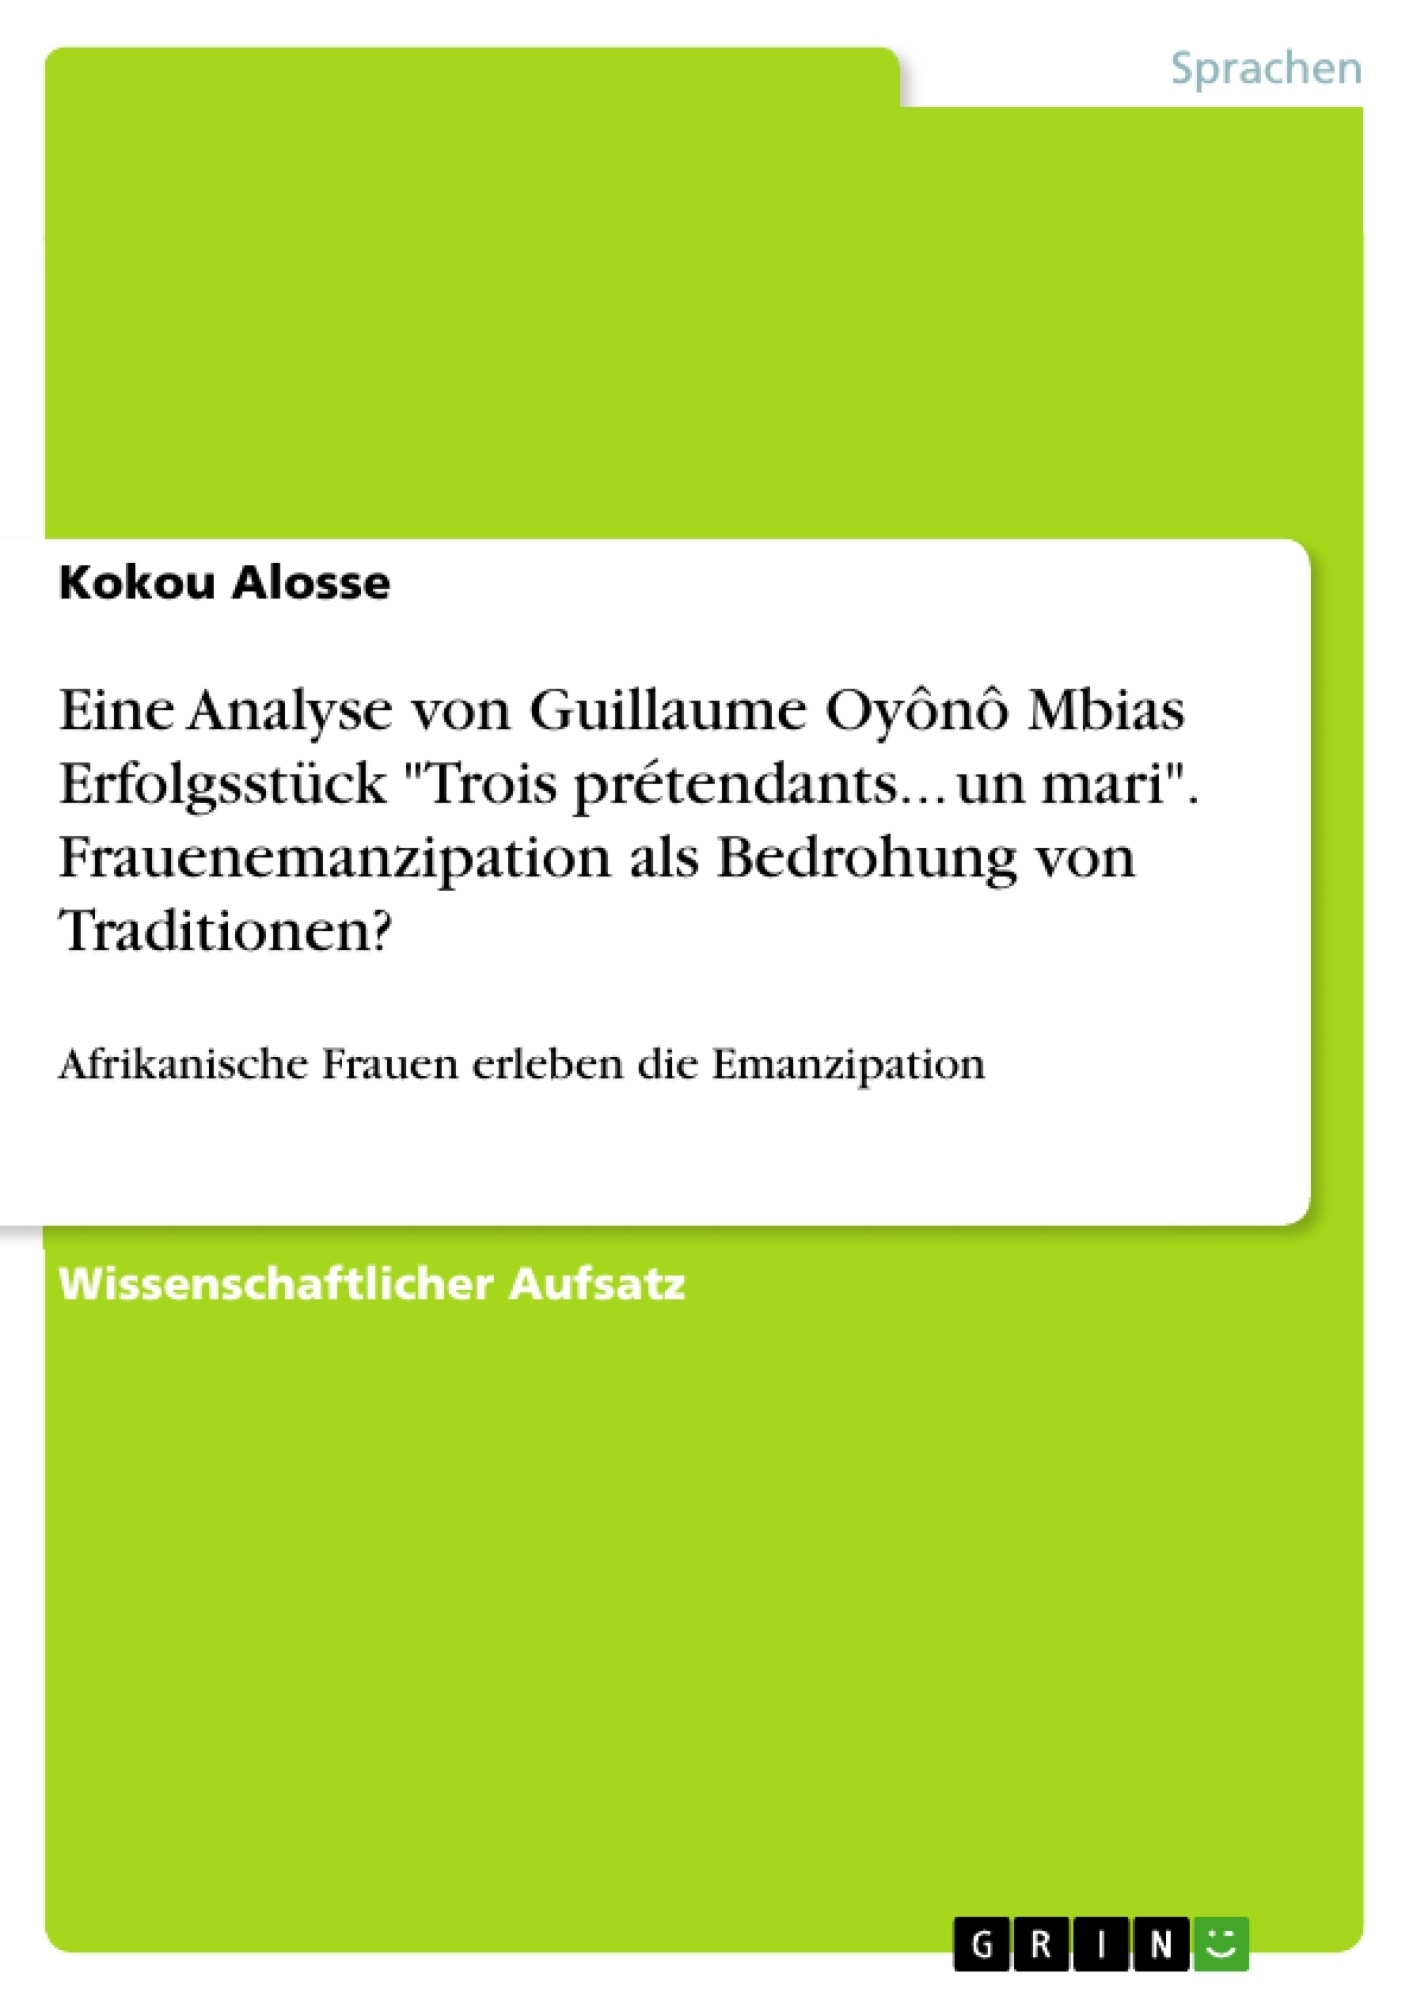 """Titel: Eine Analyse von Guillaume Oyônô Mbias Erfolgsstück """"Trois prétendants... un mari"""". Frauenemanzipation als Bedrohung von Traditionen?"""